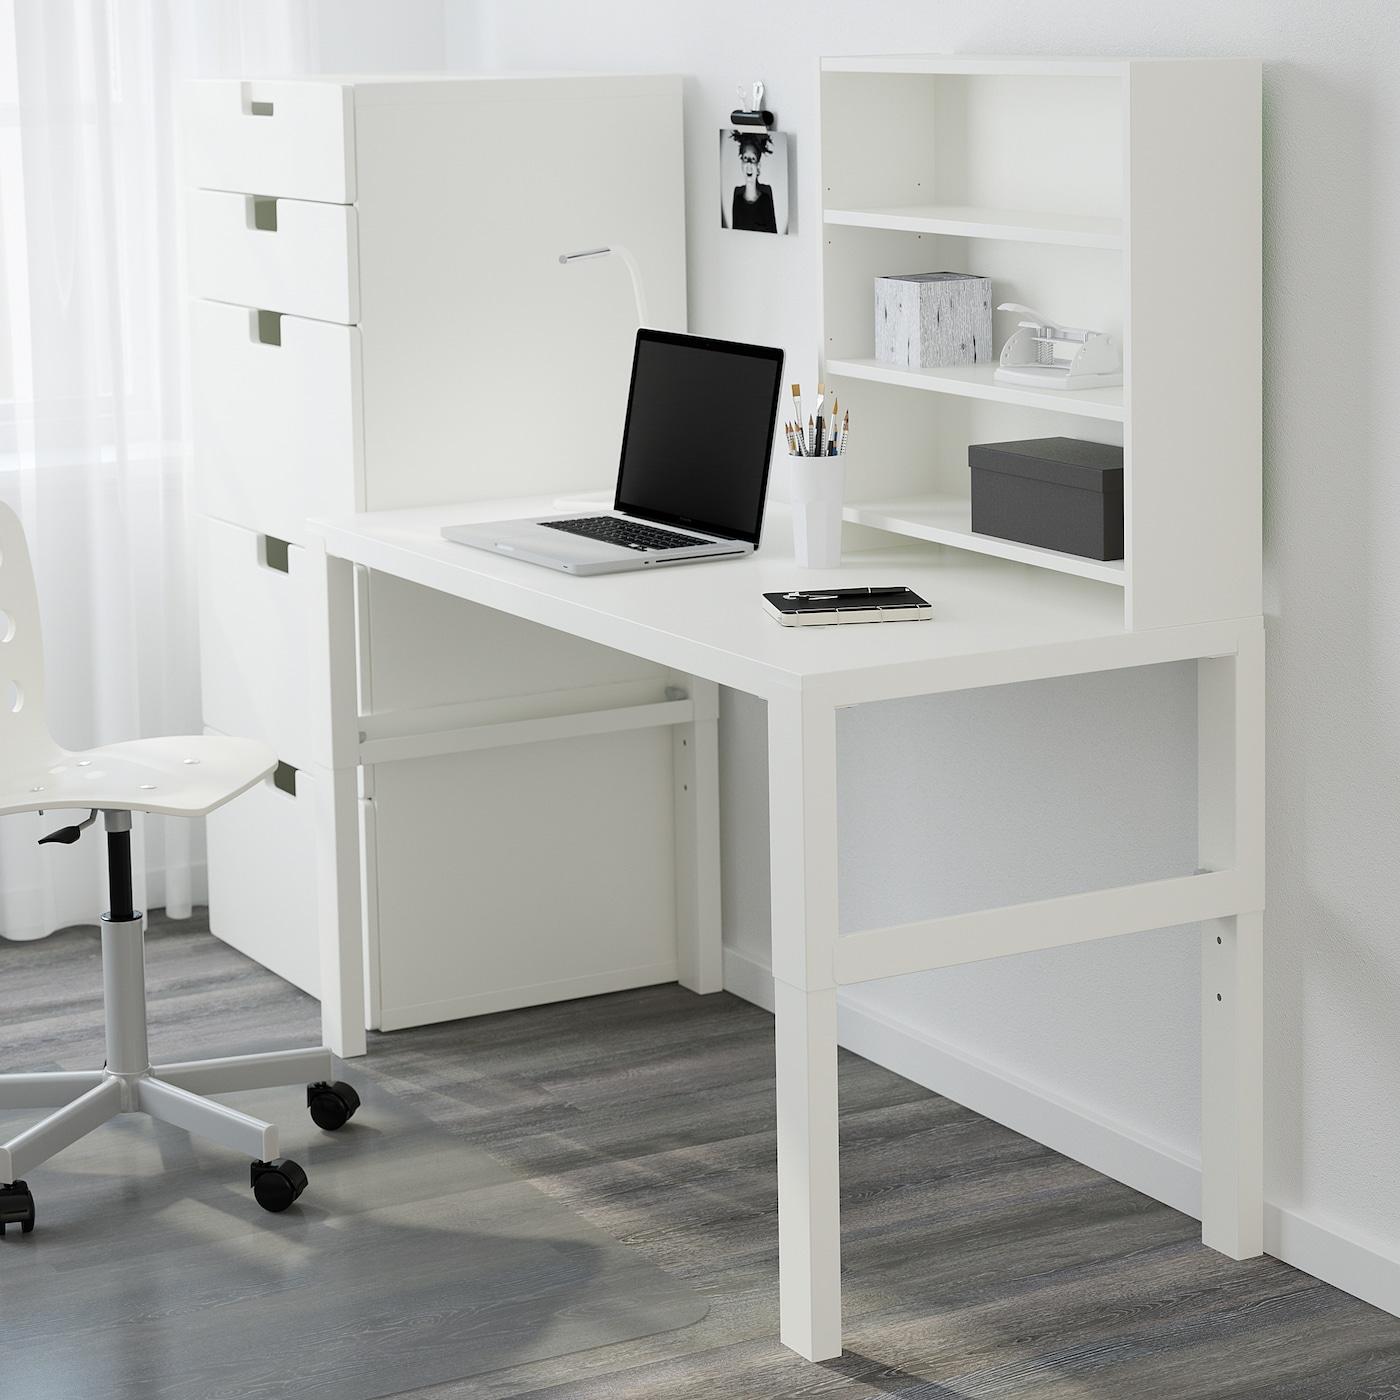 Ikea Schreibtisch Mit Aufsatz 2021